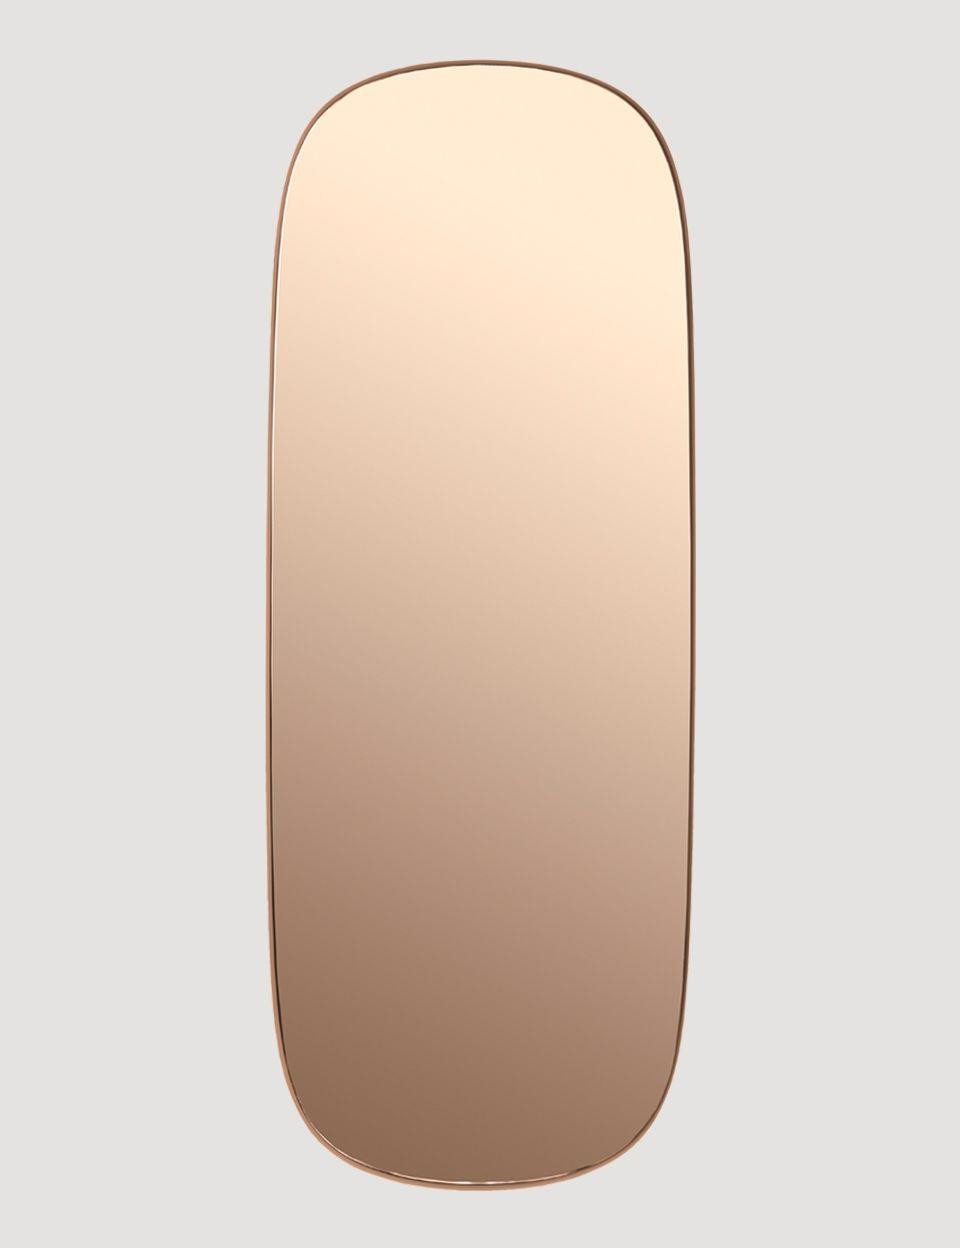 Framed Modern Scandinavian Design Mirror By Muuto Muuto Scandinavian Mirrors Mirror Colorful Interiors